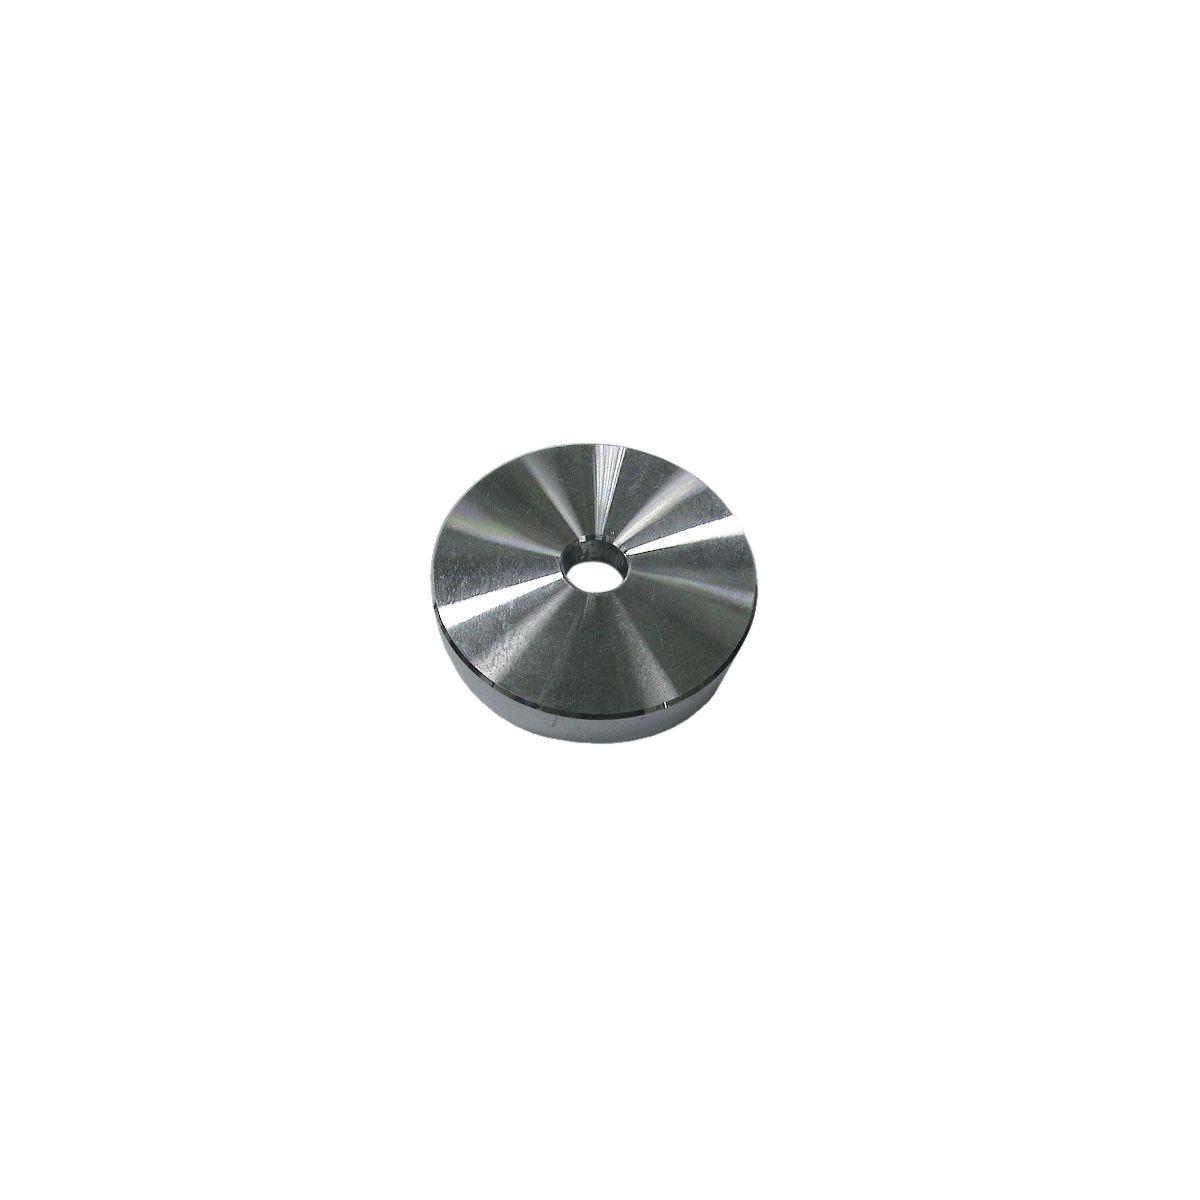 Accessoires platines vinyles - Energyson - CENTREUR 45 T